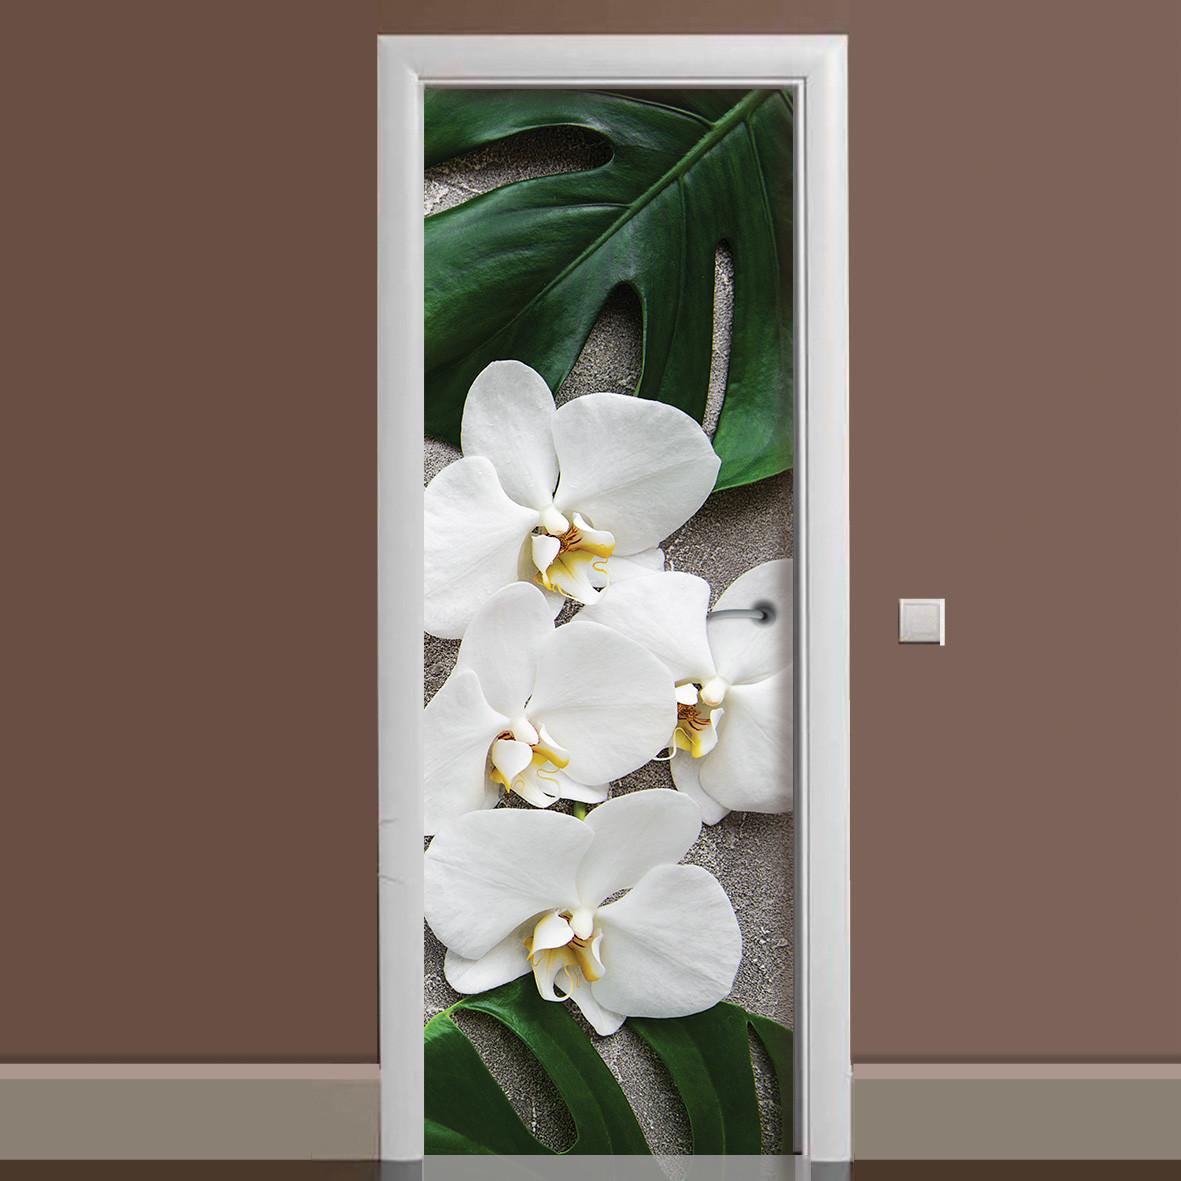 Вінілова наклейка на двері Орхідея Монстера ламінована подвійна плівка фотодрук квіти білі